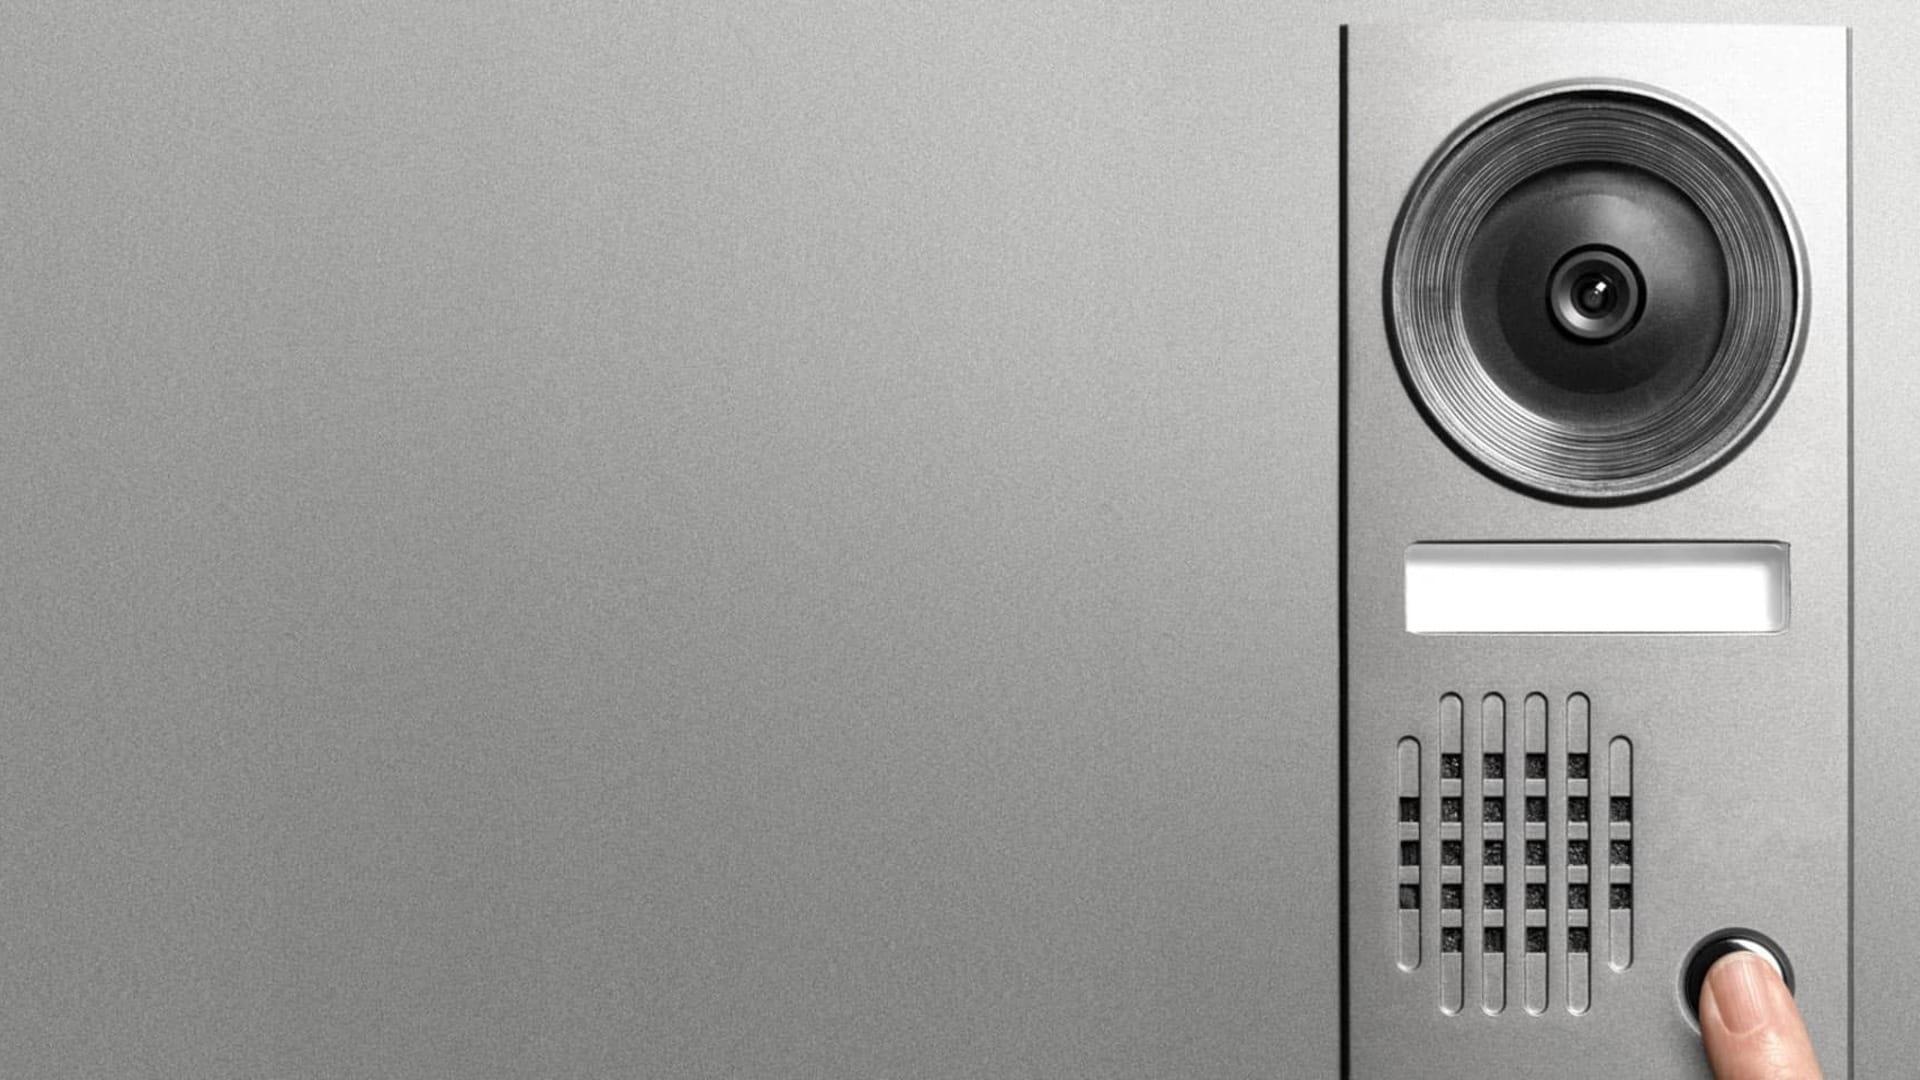 Citofono Esterno Moderno : Citofono elettronica online kijiji annunci di ebay